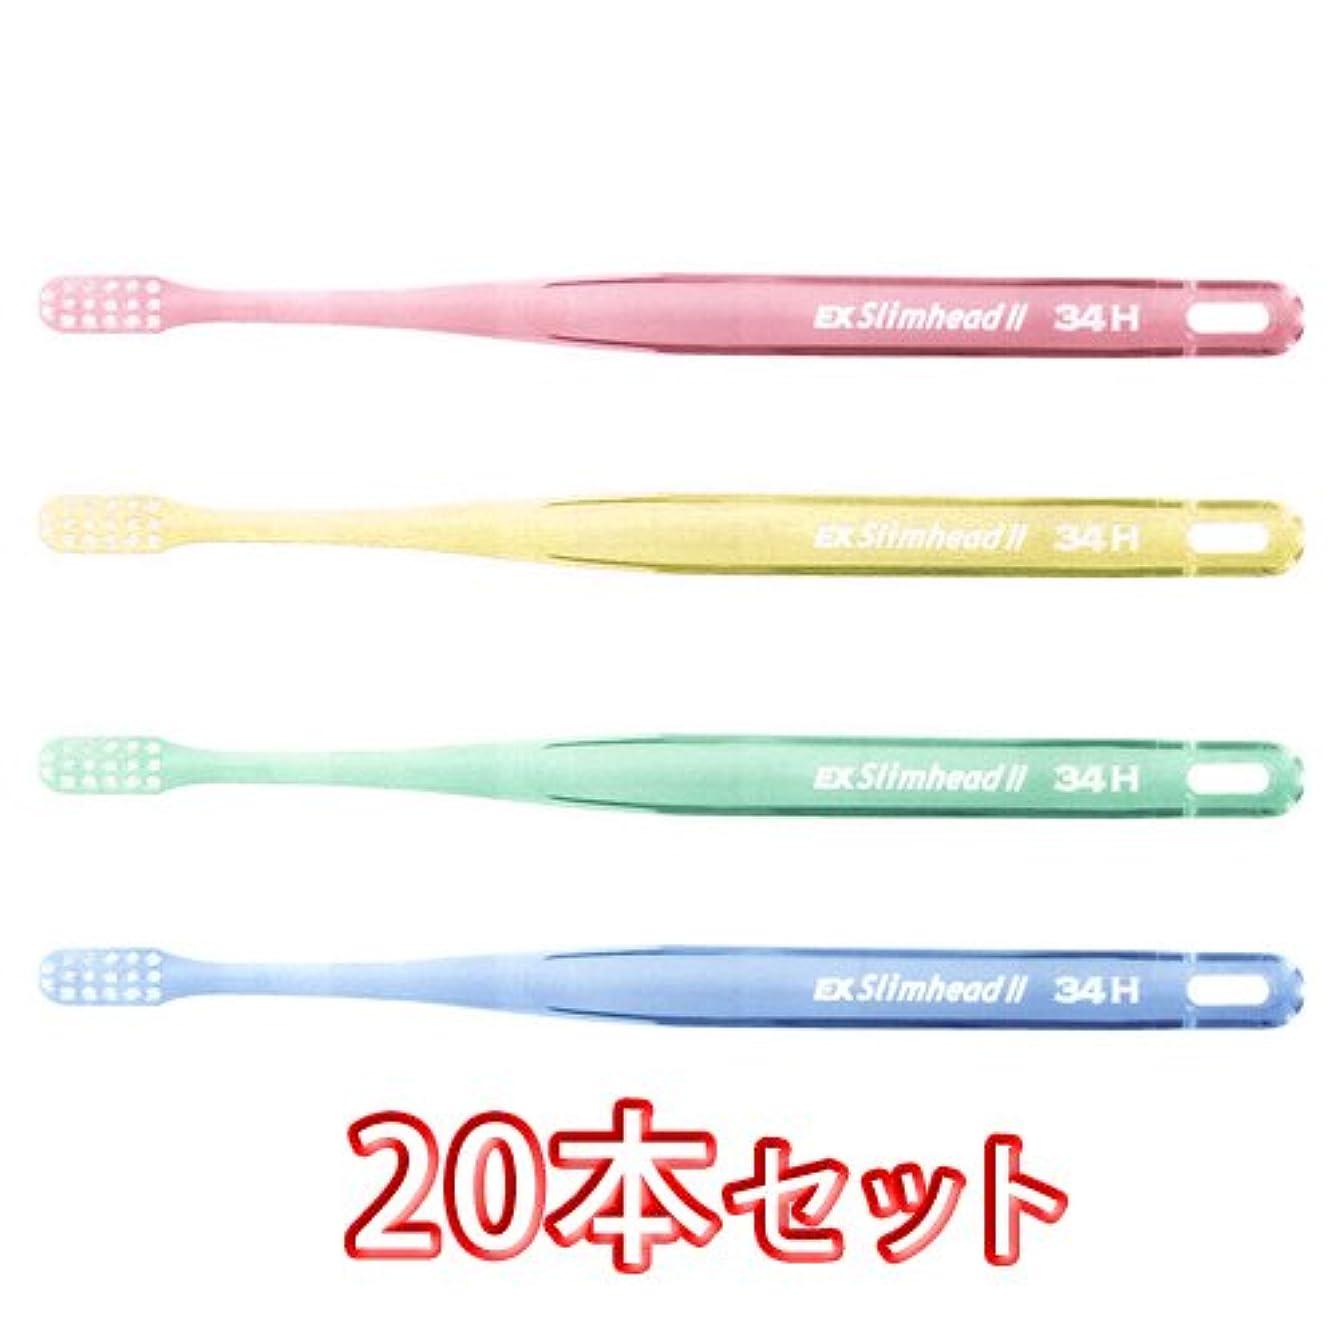 ライオン スリムヘッド2 歯ブラシ DENT . EX Slimhead2 20本入 (34H)